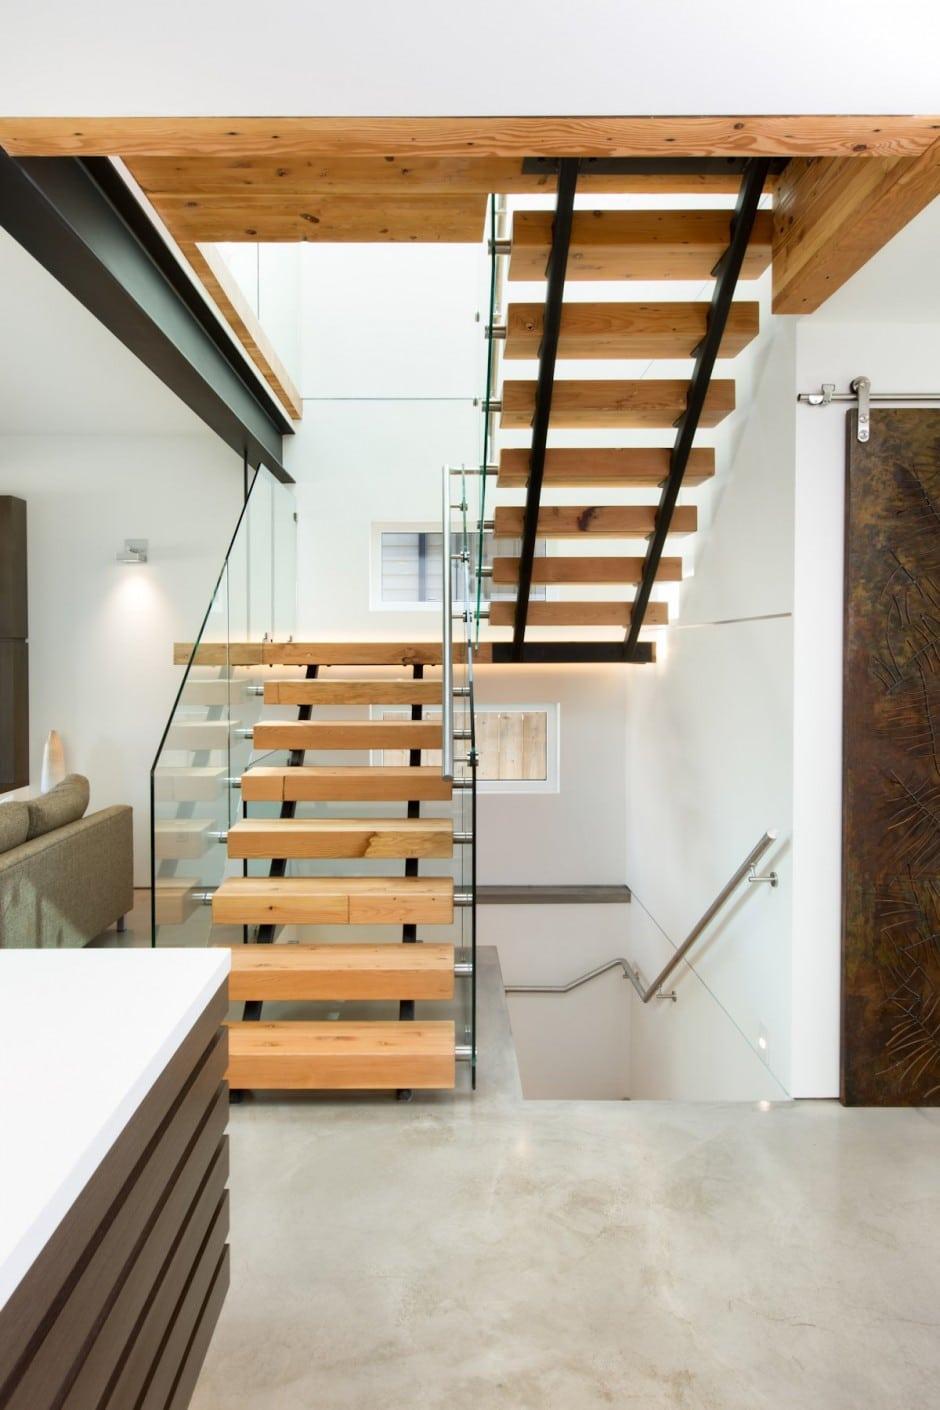 Dise o de escaleras modernas con pasamanos de vidrio - Escaleras de diseno ...